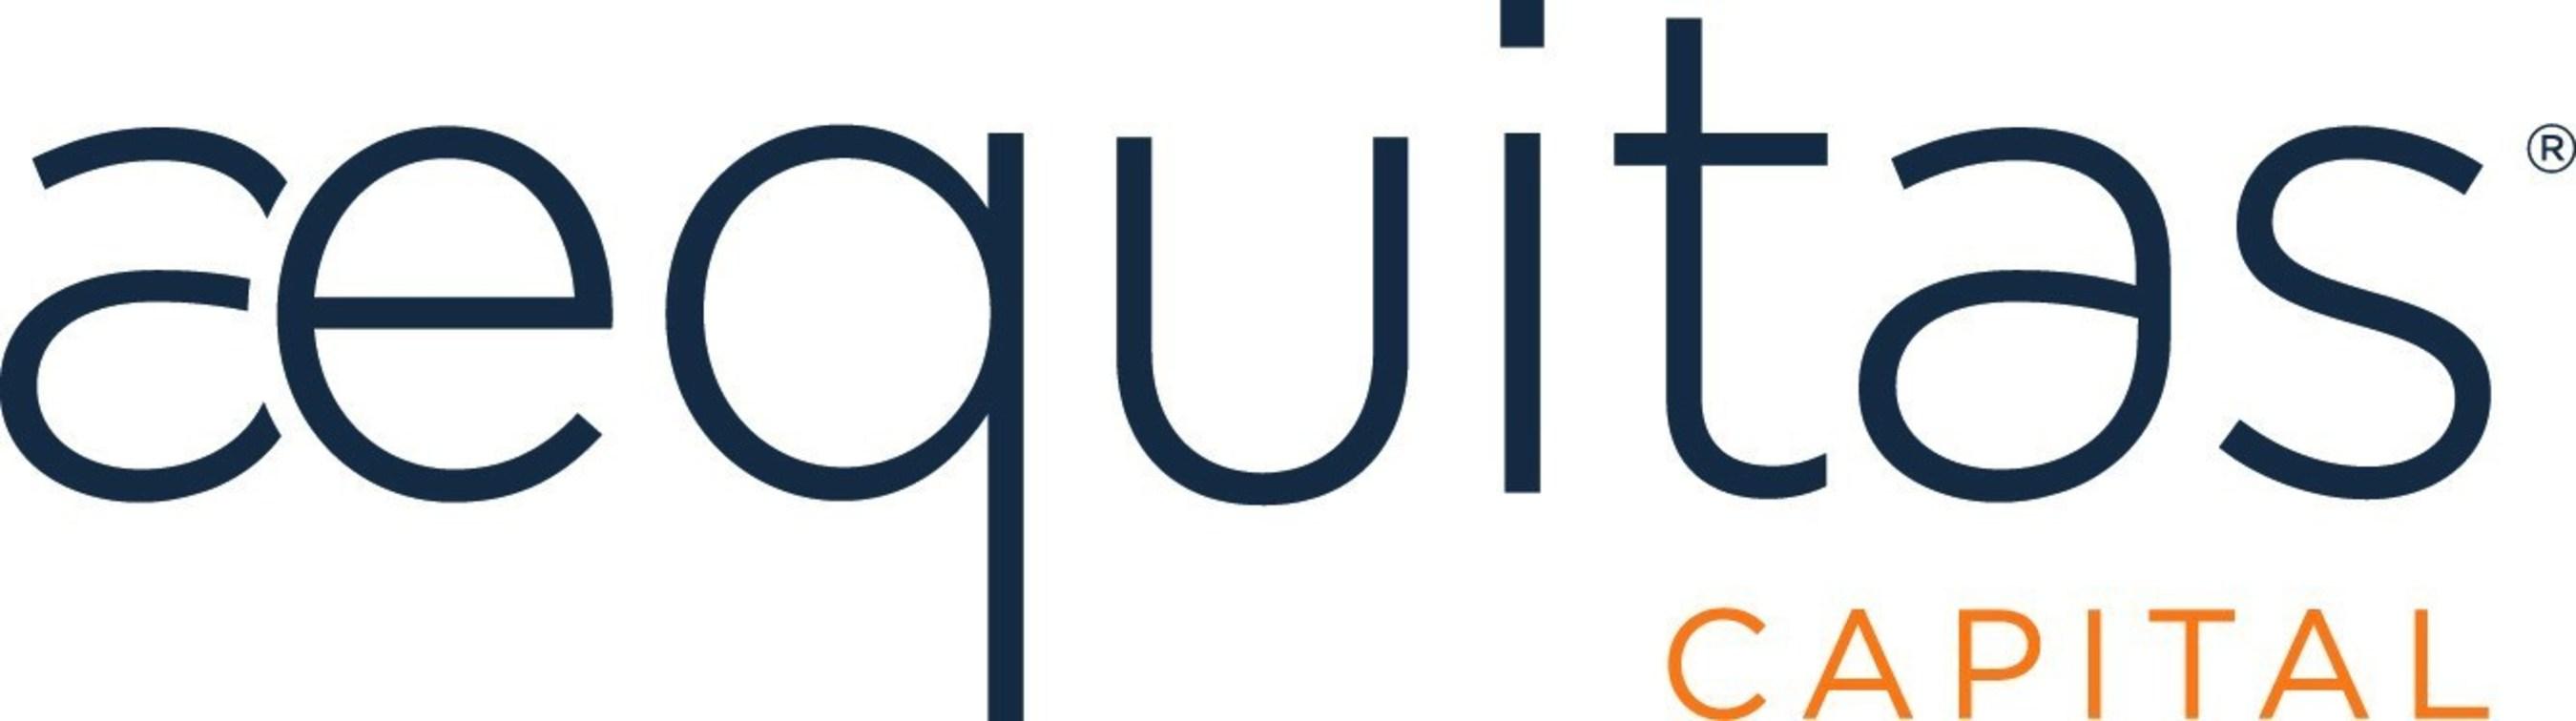 Aequitas Capital s'étend à l'international avec le lancement de l'offre d'obligation européenne